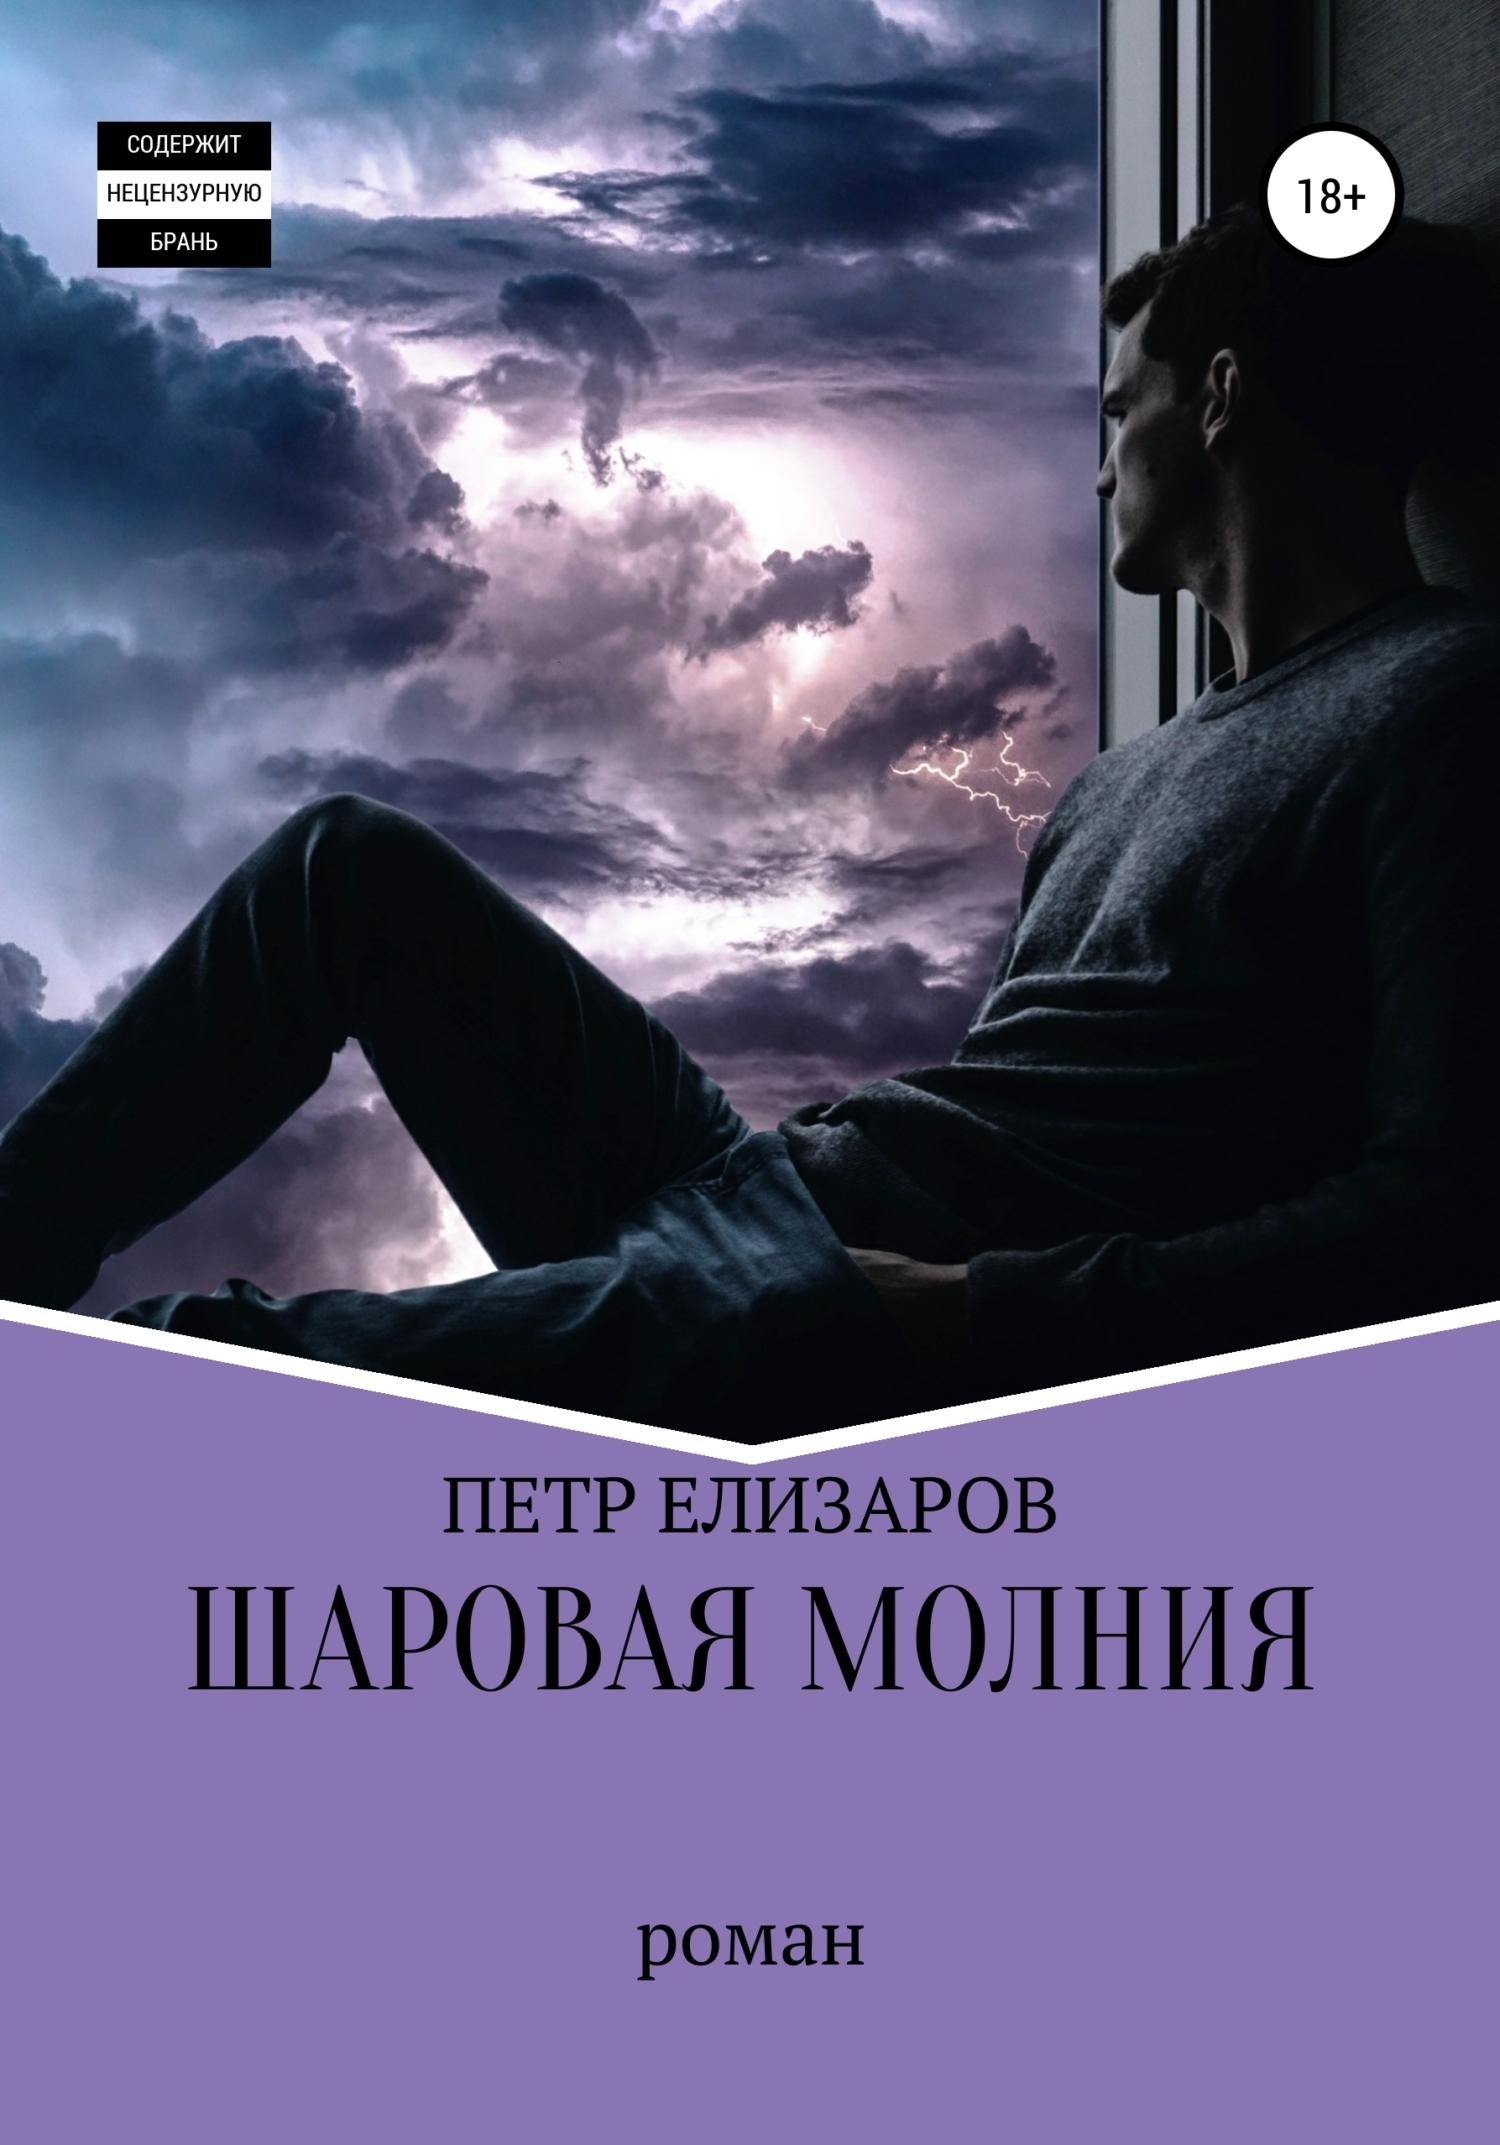 Петр Анатольевич Елизаров, Шаровая молния – читать онлайн ...  Запутался в Мыслях